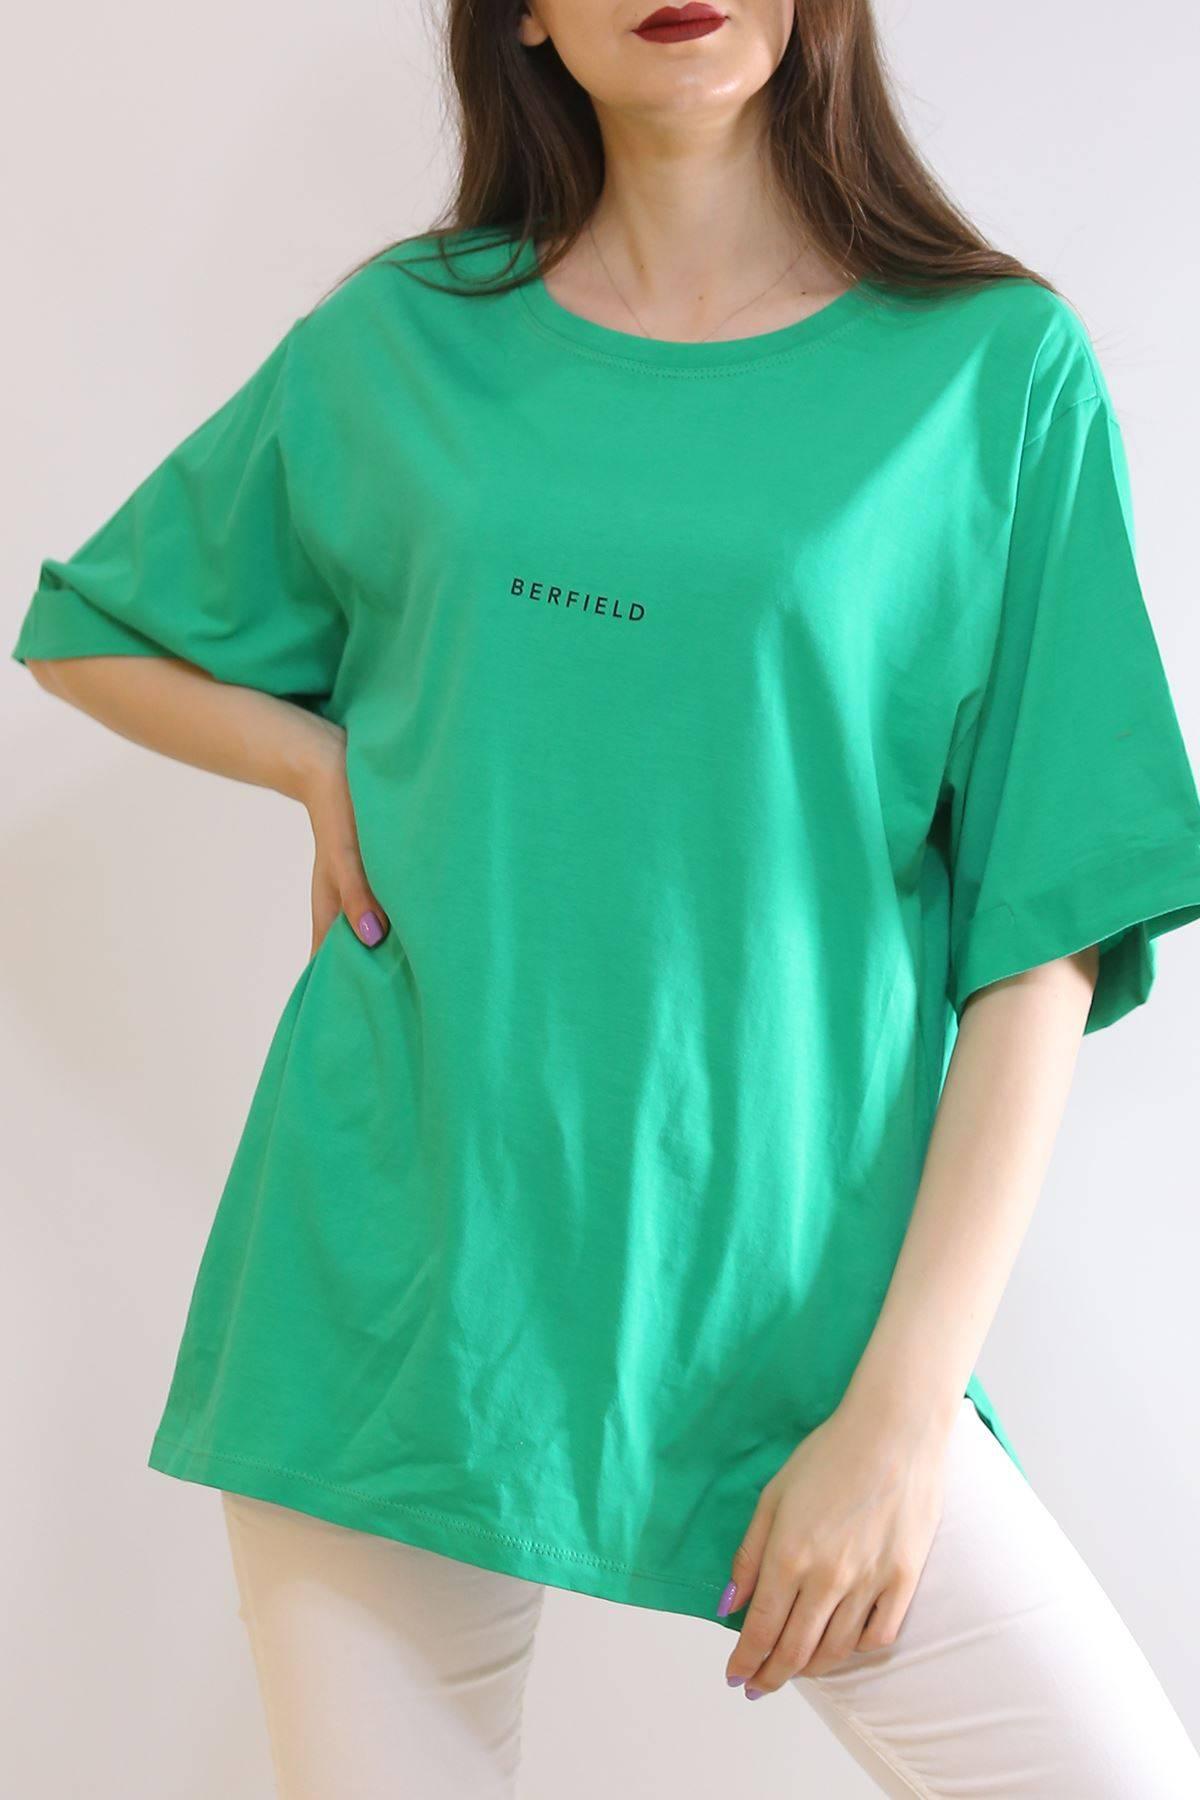 Baskılı Yırtmaçlı Tişört Yeşil - 3151.105.